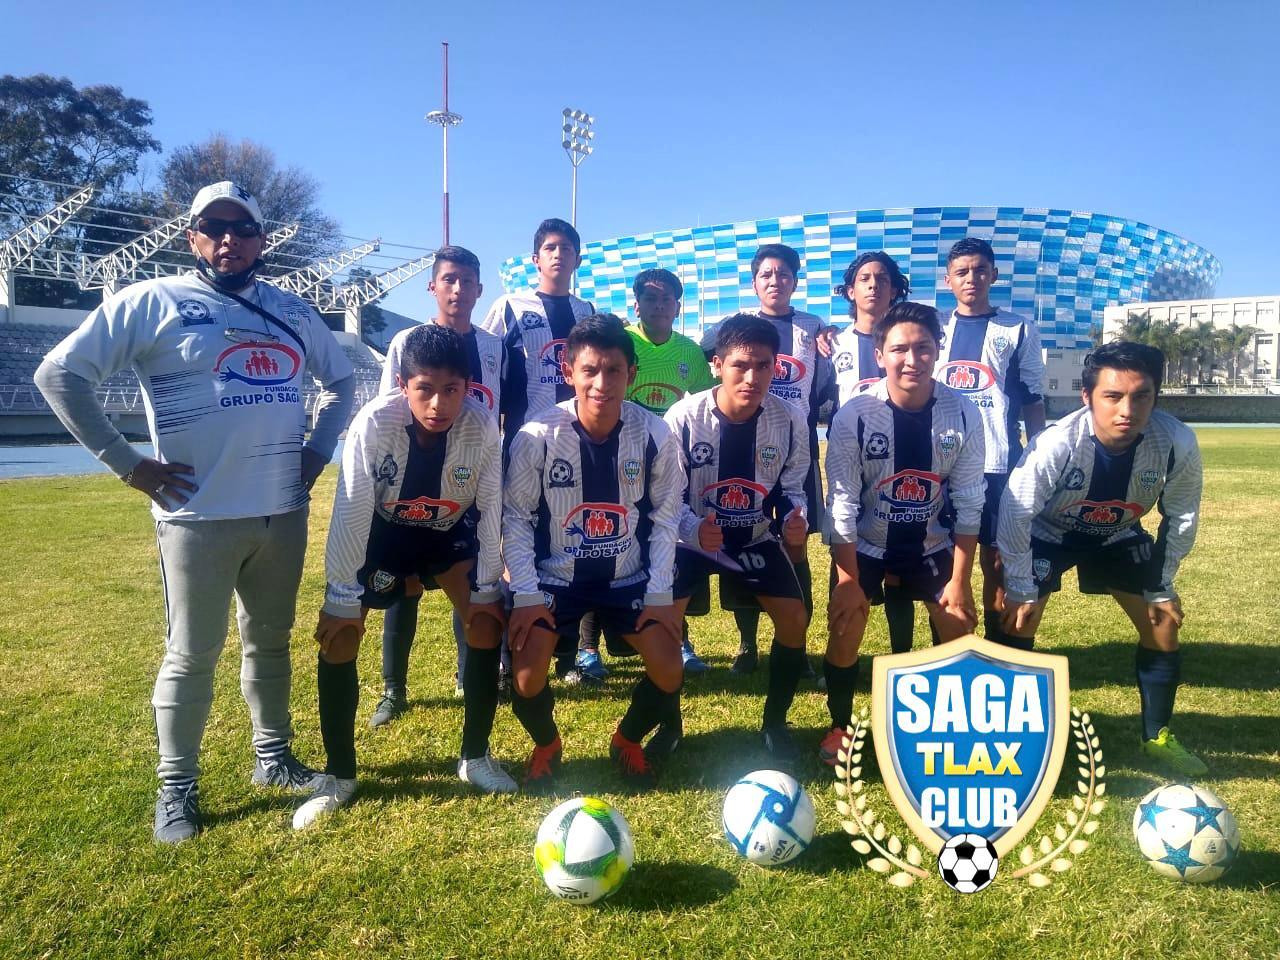 Foto: Cortesía Club SAGA